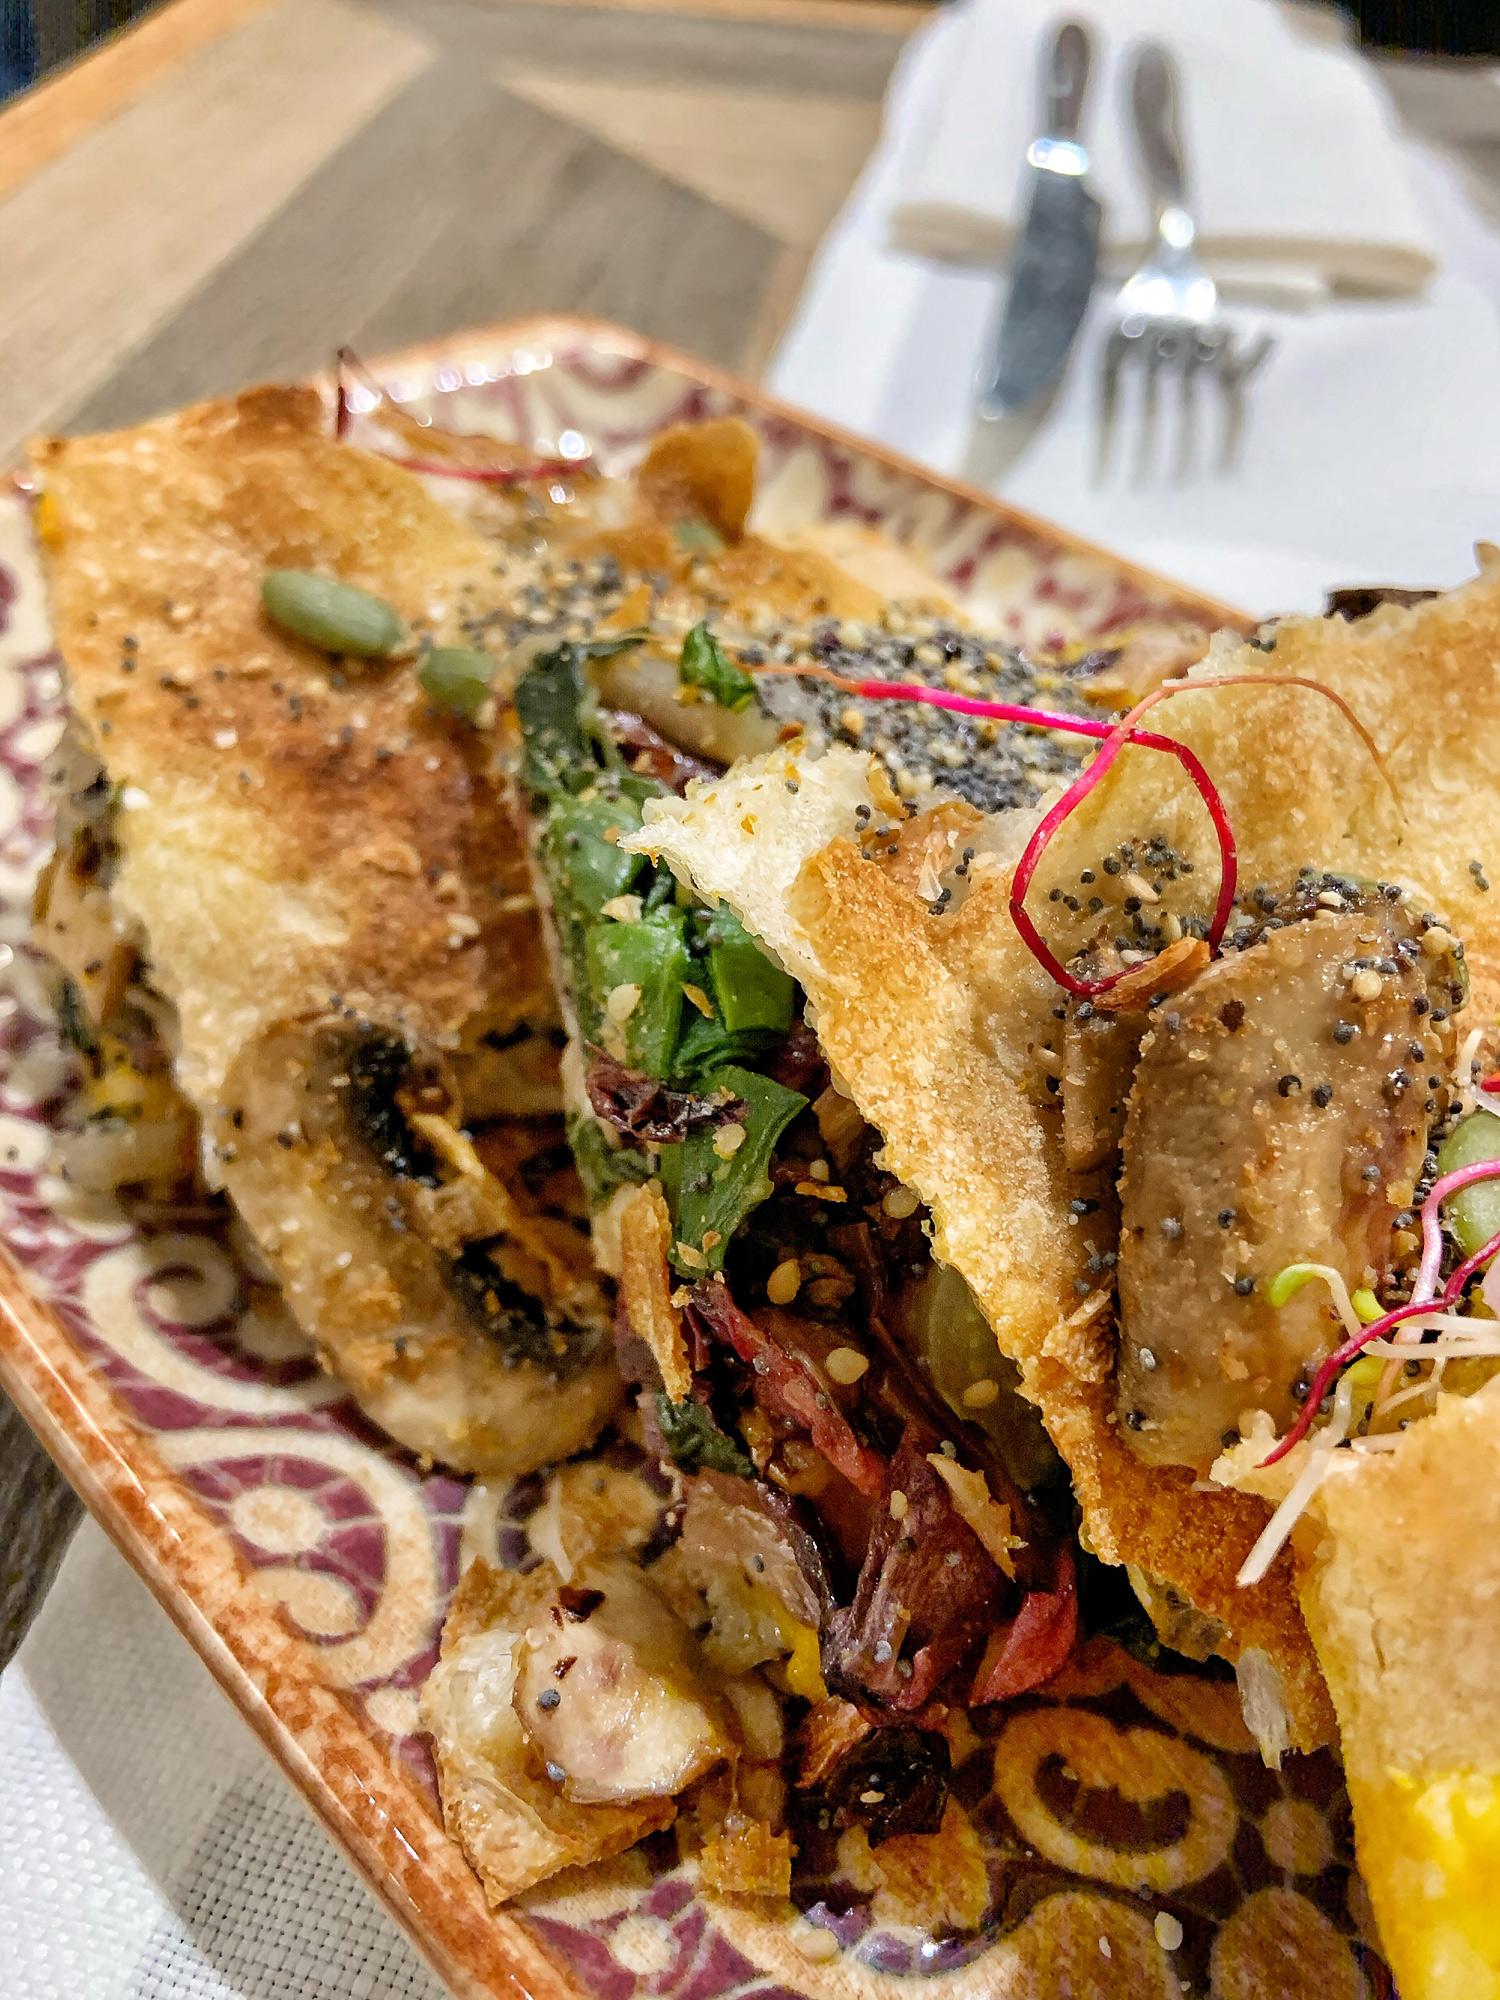 Saporè Milano, Pizza Doppio Crunch VEGAN (farcita con crema di zucca, radicchio, funghi freschi, bieta, semi e gomasio) | ©foto Sandra Longinotti